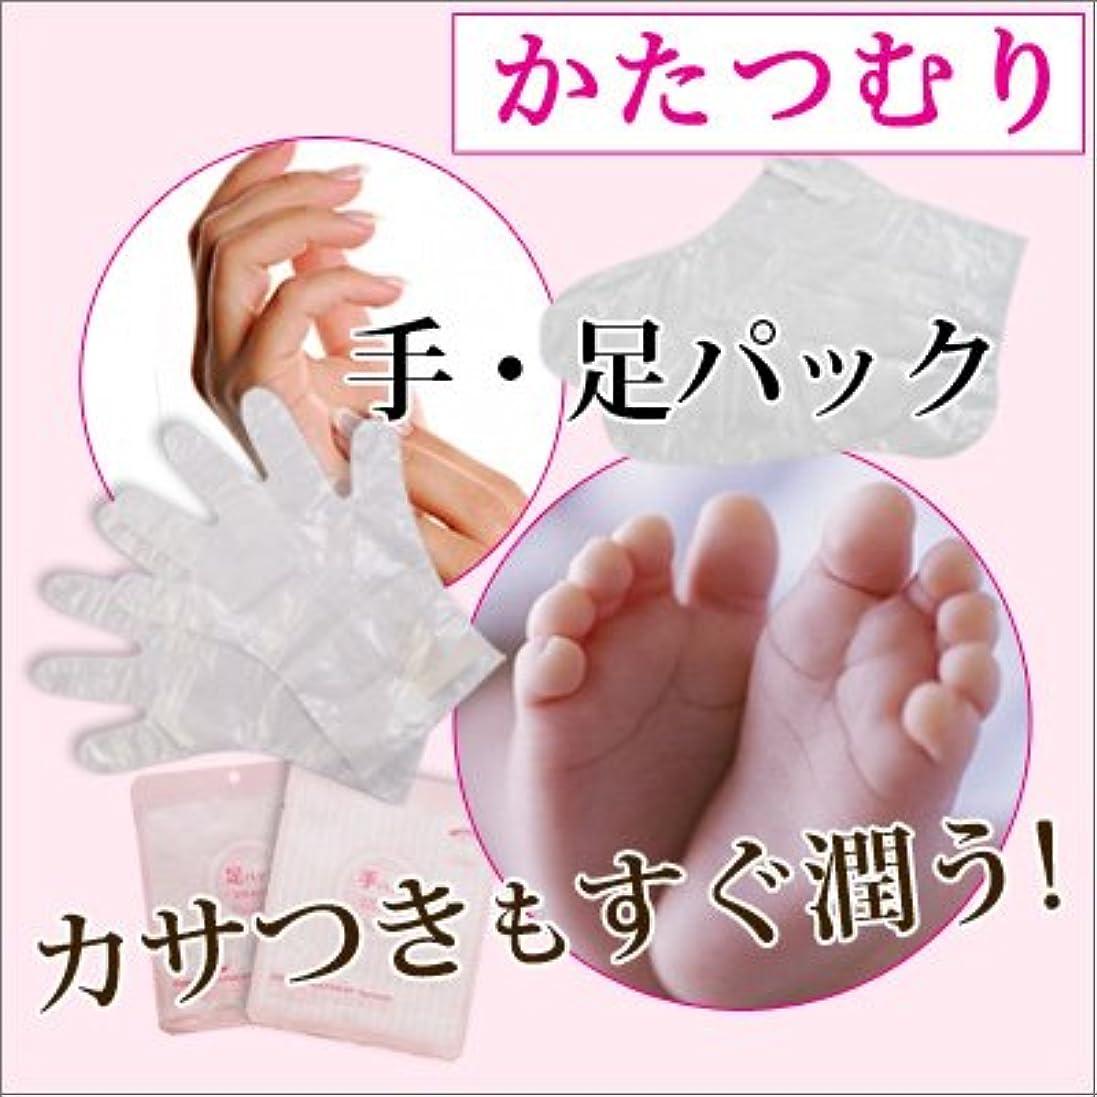 スロープ櫛十代【かたつむり モイスト フット&ハンド パック 2種類×5枚】